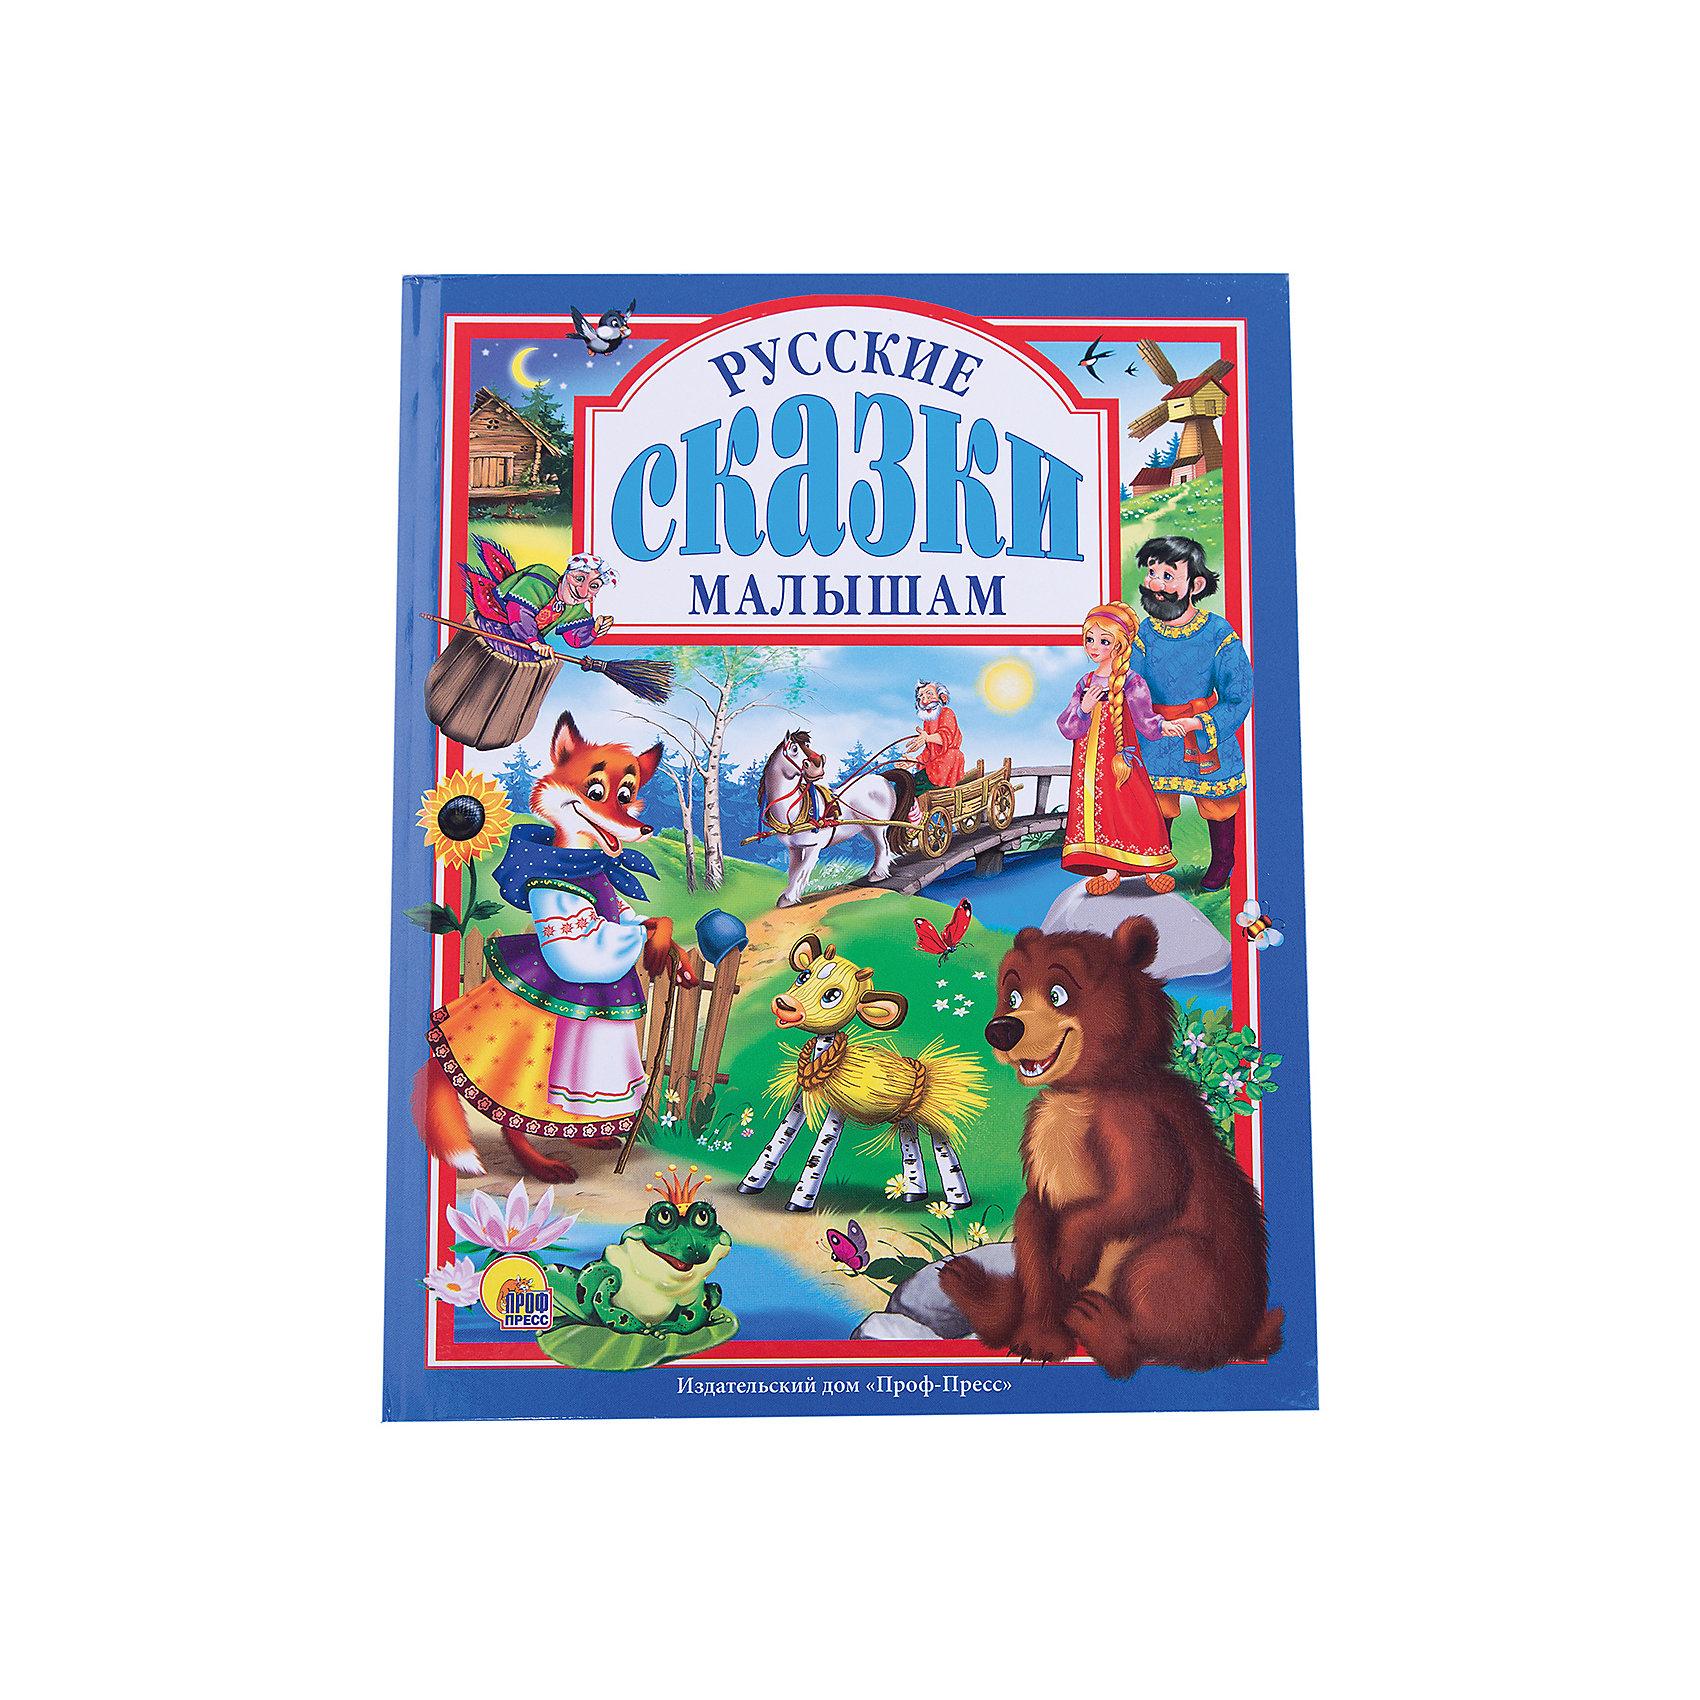 Русские сказки малышамРусские сказки<br>Книги - это лучший подарок не только взрослым, они помогают детям познавать мир и учиться читать, также книги позволяют ребенку весело проводить время. Они также стимулируют развитие воображения, логики и творческого мышления. Яркие крупные картинки обязательно понравятся малышам! Книга сделана из качественных и безопасных для детей материалов.<br>Содержание:<br>«Коза-Дереза»<br> «Сестрица Аленушка и братец Иванушка»<br>«Баба-Яга»<br>«Каша из топора»<br>«Лиса и Дрозд»<br>«Умница и Ленивица»<br>«Снегурушка и Лиса»<br>«Соломенный Бычок-смоляной бочок» и другие.<br>  <br>Дополнительная информация:<br><br>размер: 200х265 мм;<br>вес: 441 г.<br><br>Книгу Русские сказки малышам от издательства Проф-Пресс можно купить в нашем магазине.<br><br>Ширина мм: 200<br>Глубина мм: 13<br>Высота мм: 265<br>Вес г: 441<br>Возраст от месяцев: 0<br>Возраст до месяцев: 60<br>Пол: Унисекс<br>Возраст: Детский<br>SKU: 4787332